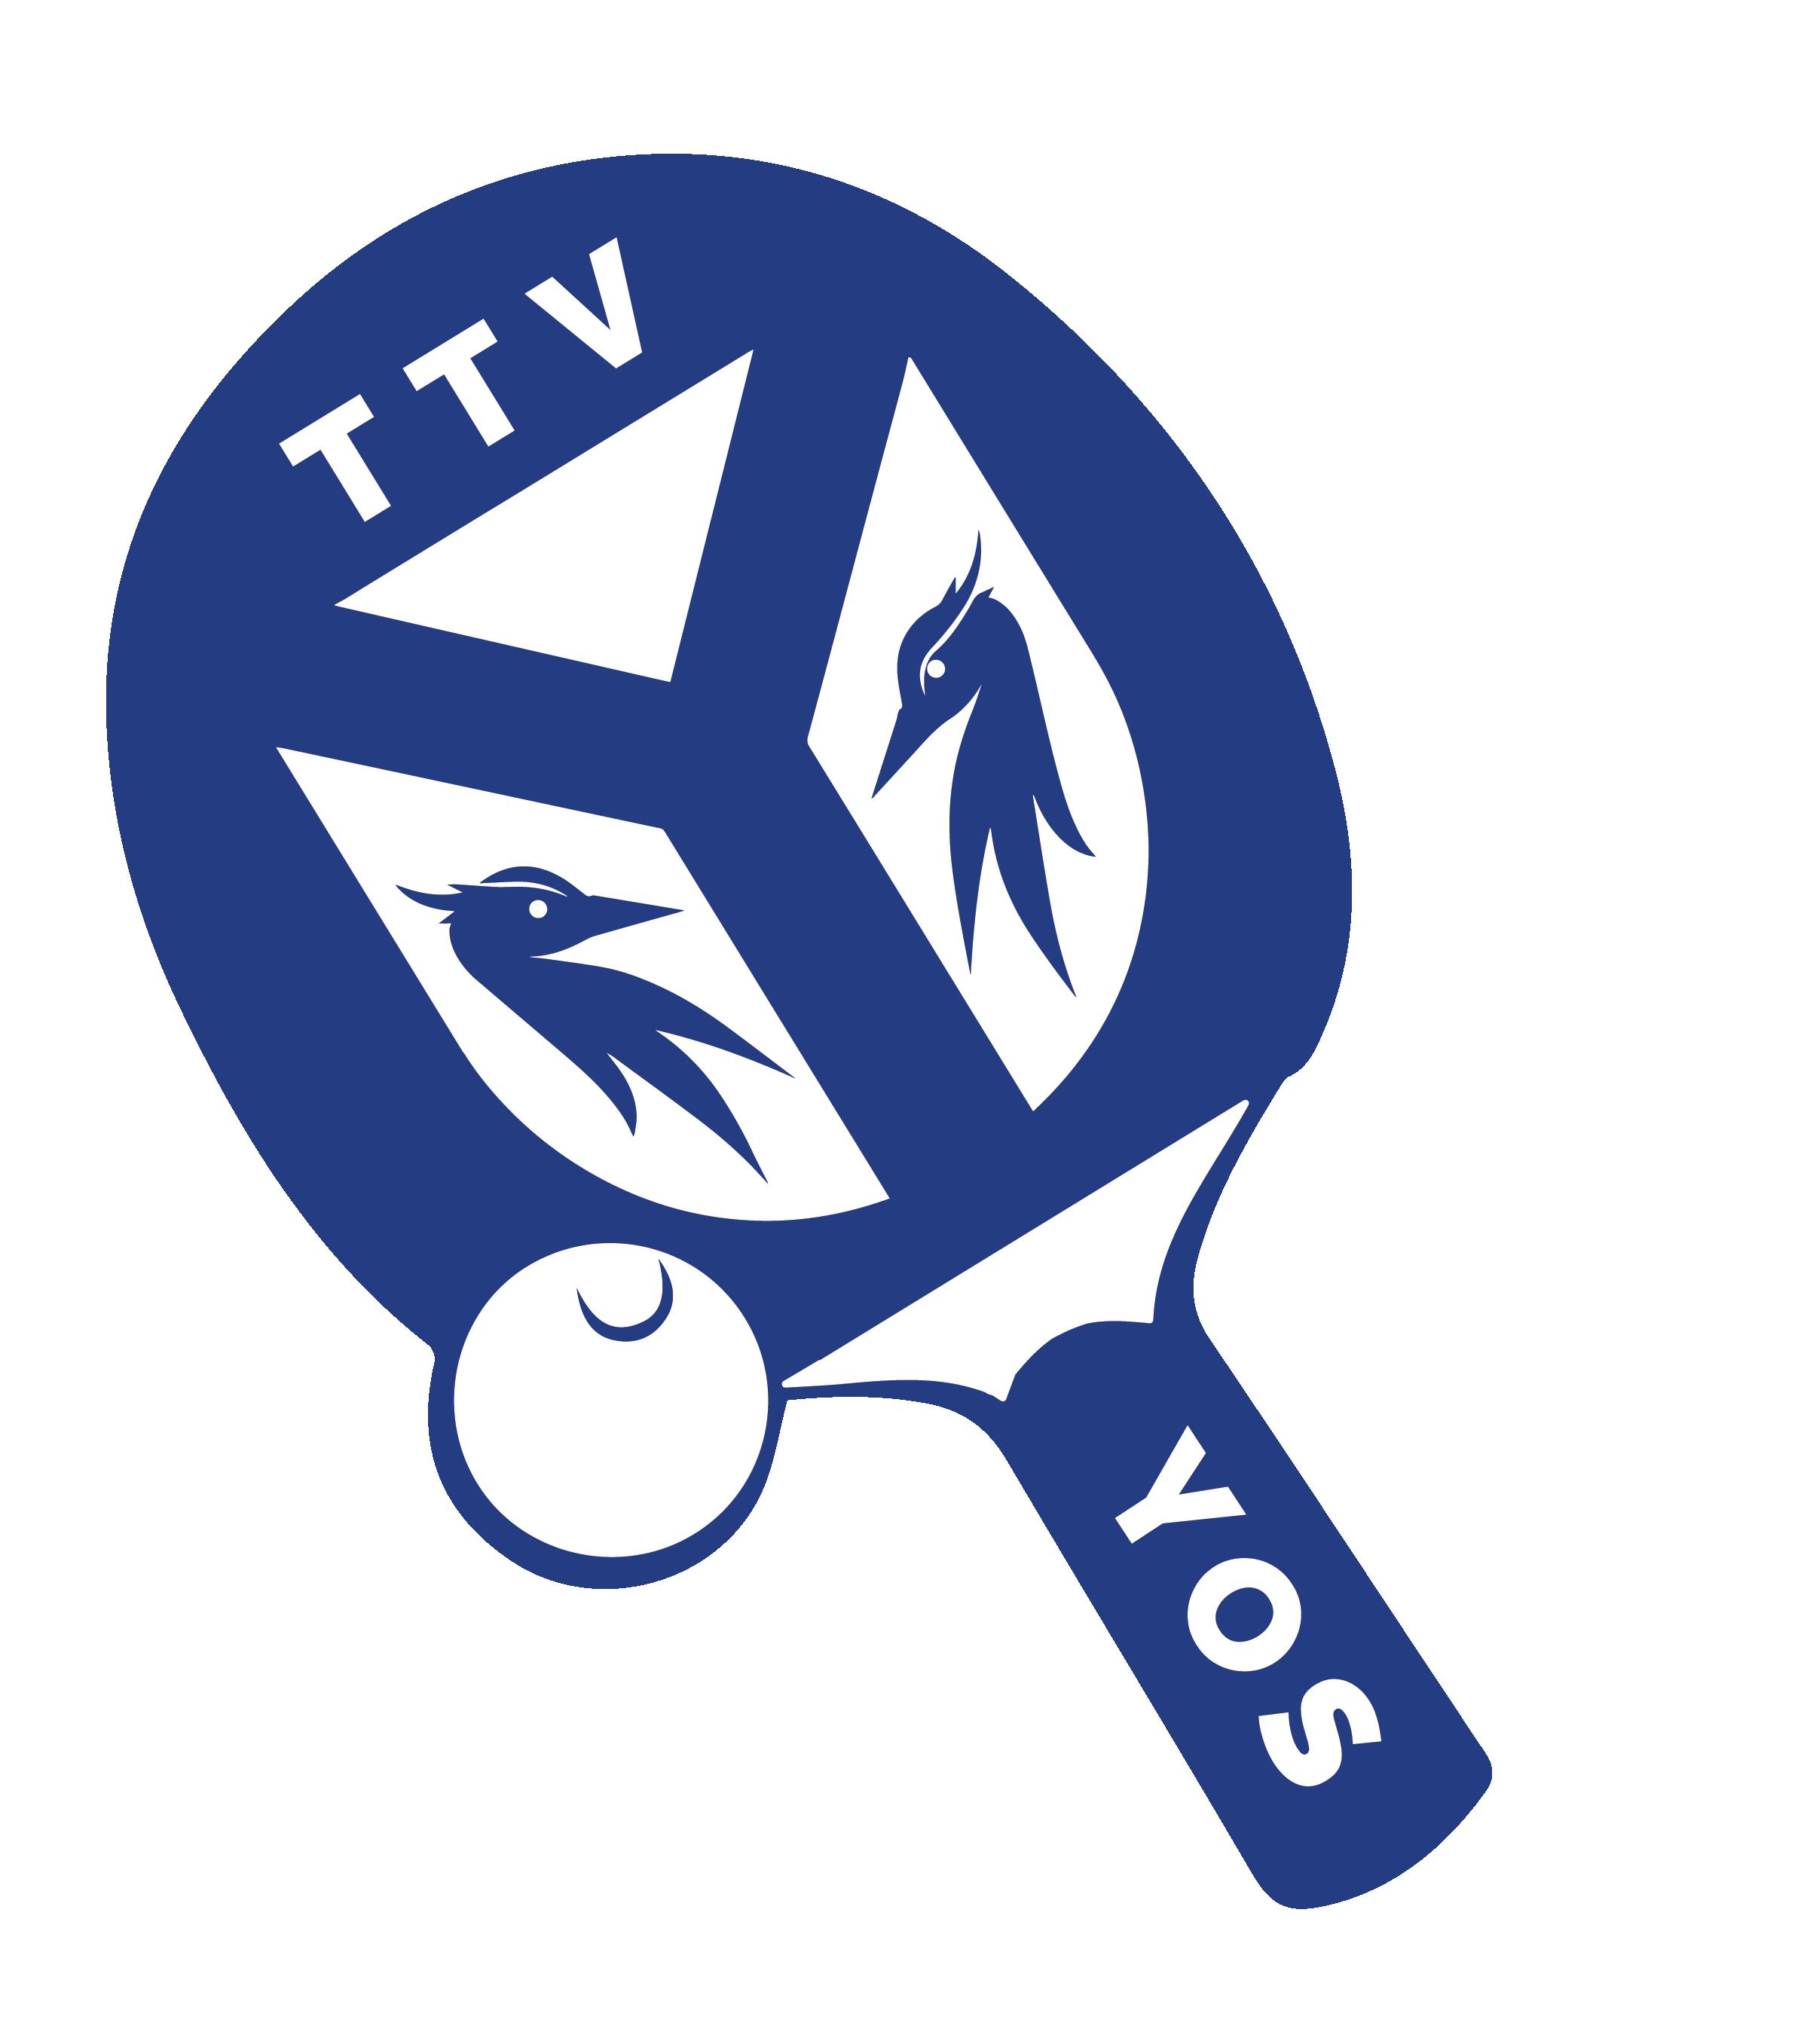 Tafeltennisvereniging Ysbrechtum | TTV YOS